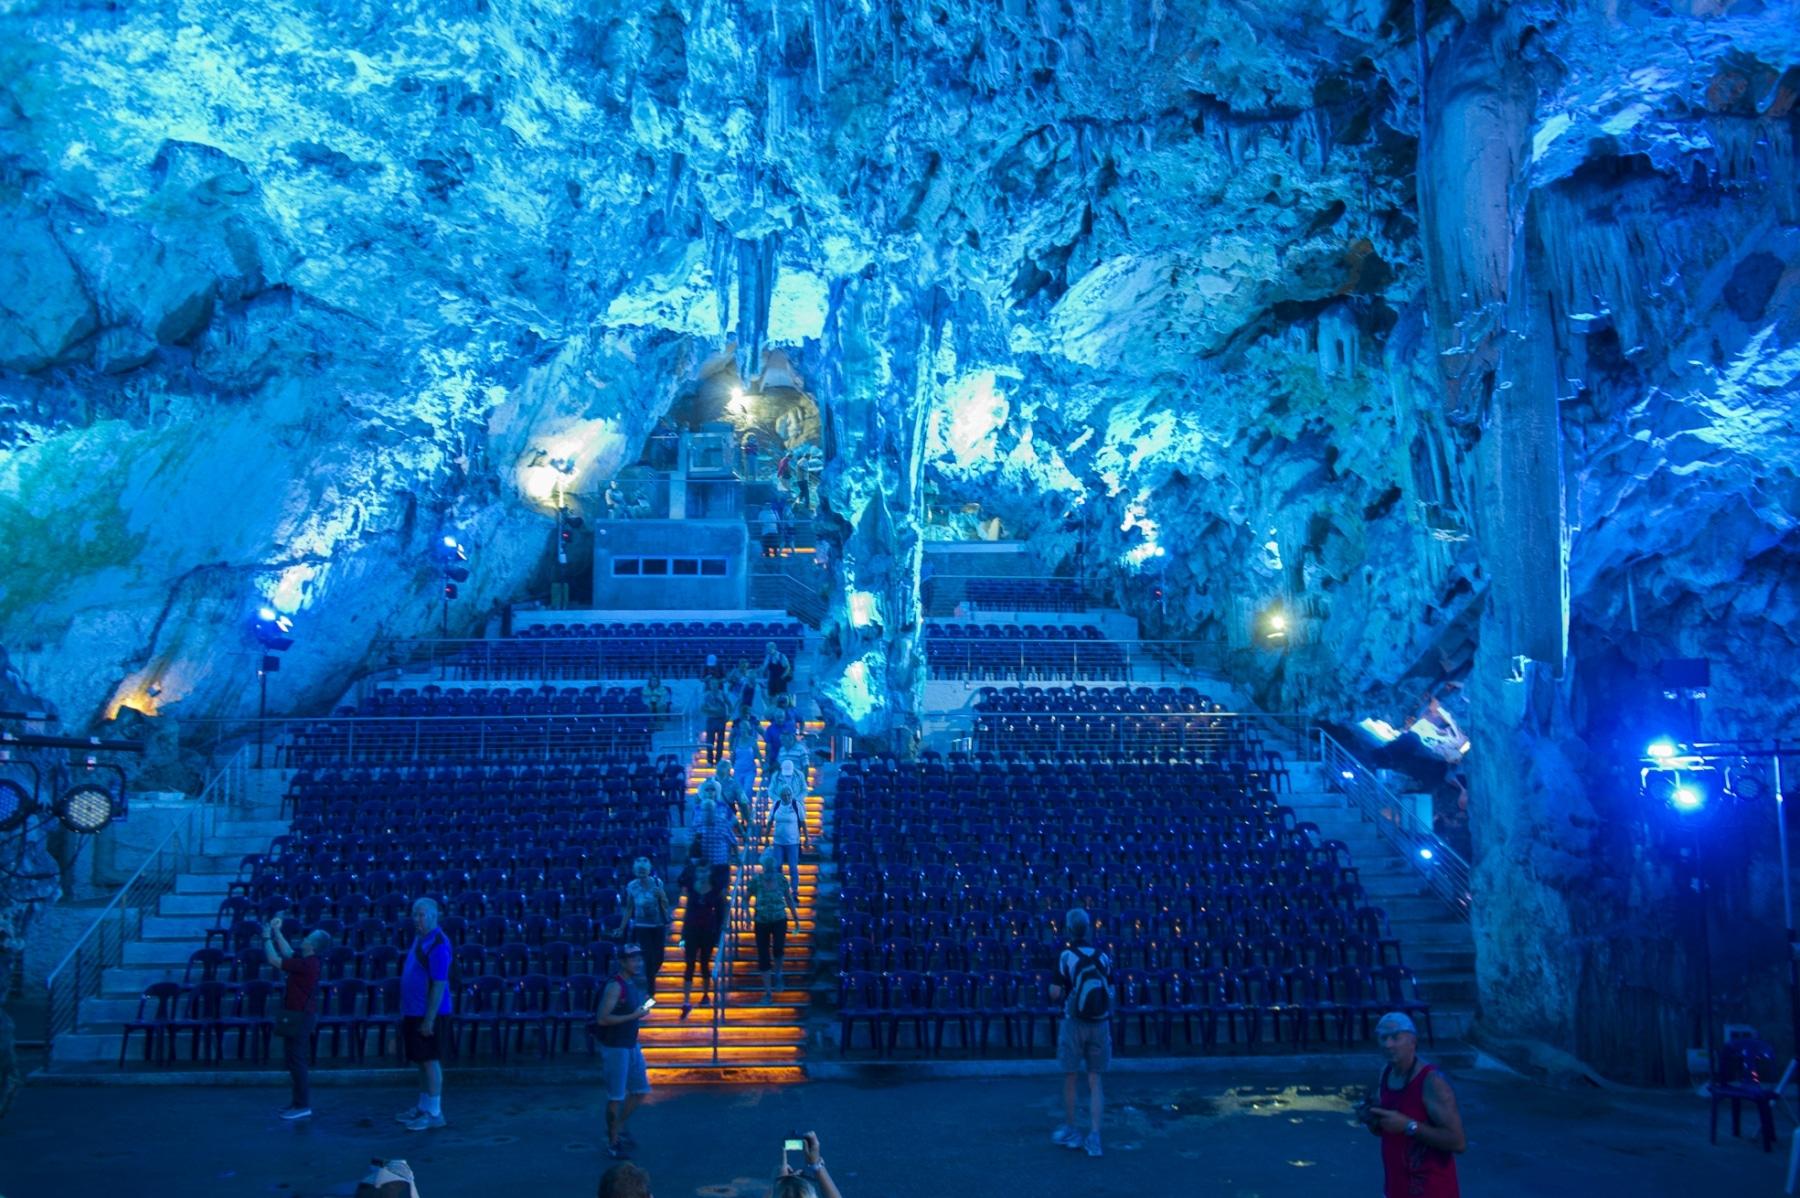 cueva-de-st-michael-gibraltar_22124499443_o